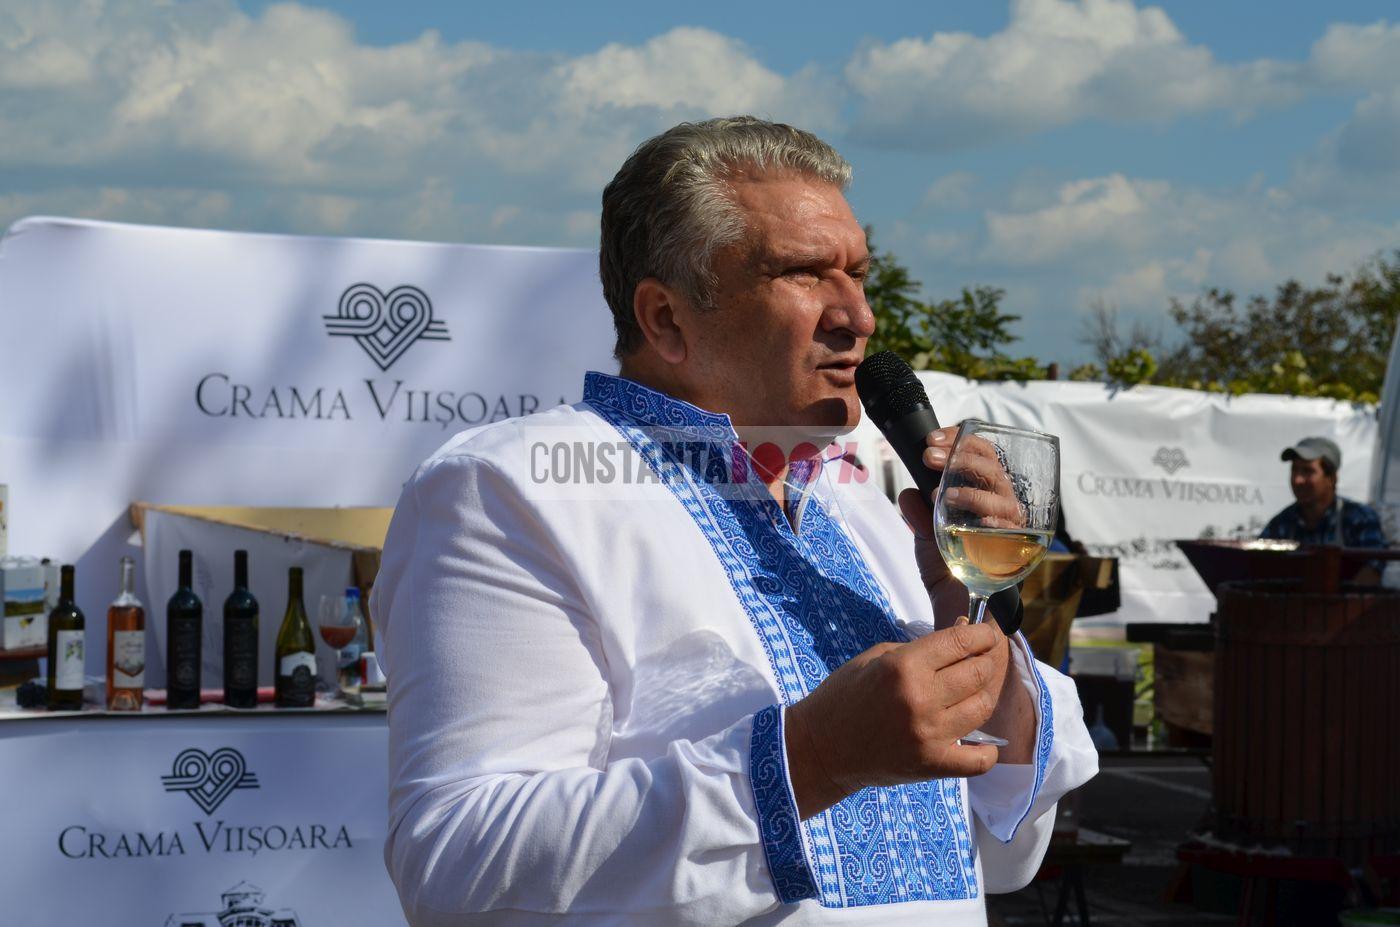 Gheorghe Albu, crama Viisoara